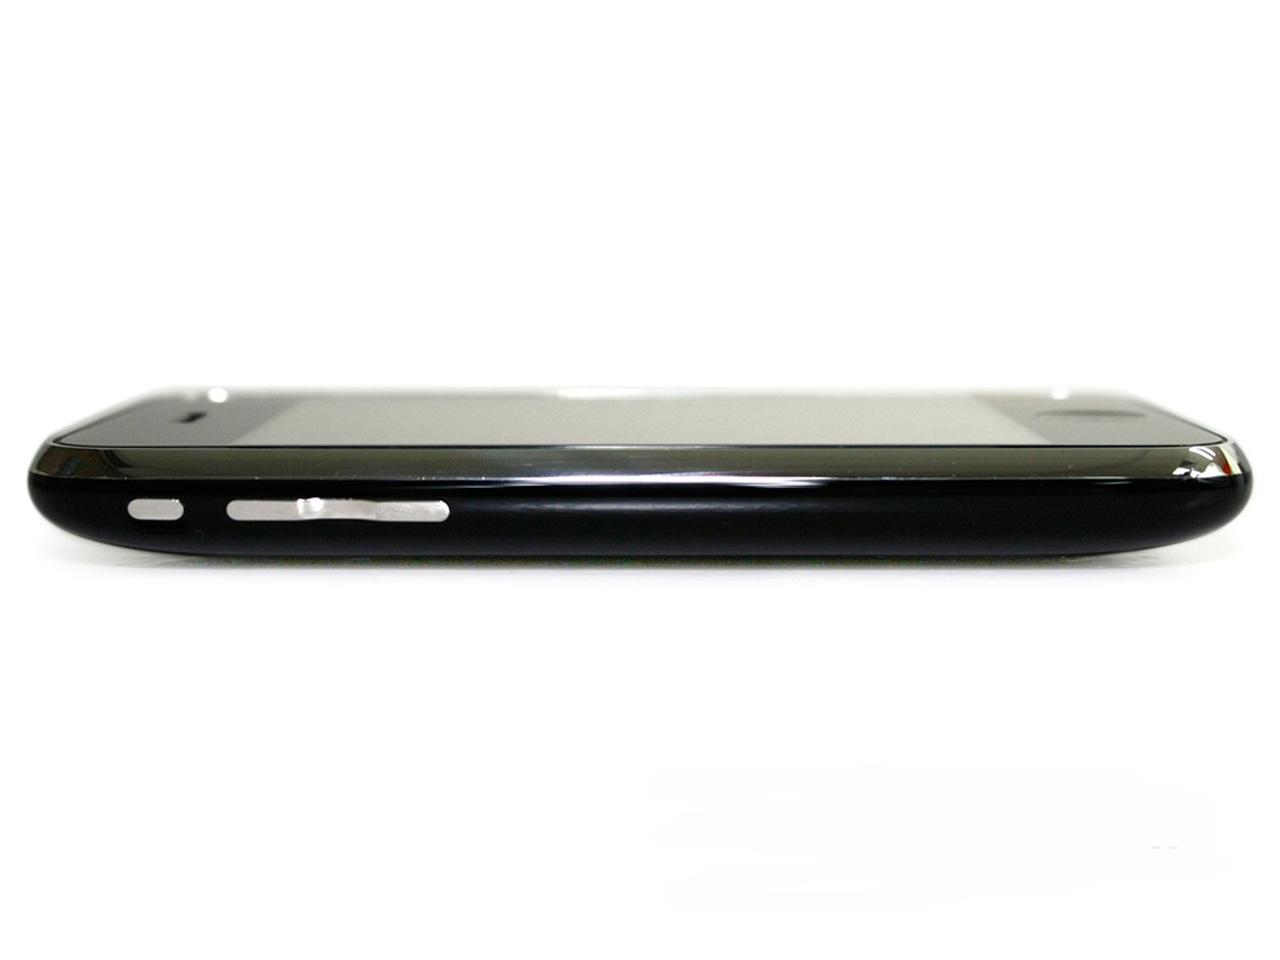 苹果iPhone3GS(联通版8GB)整体外观第4张